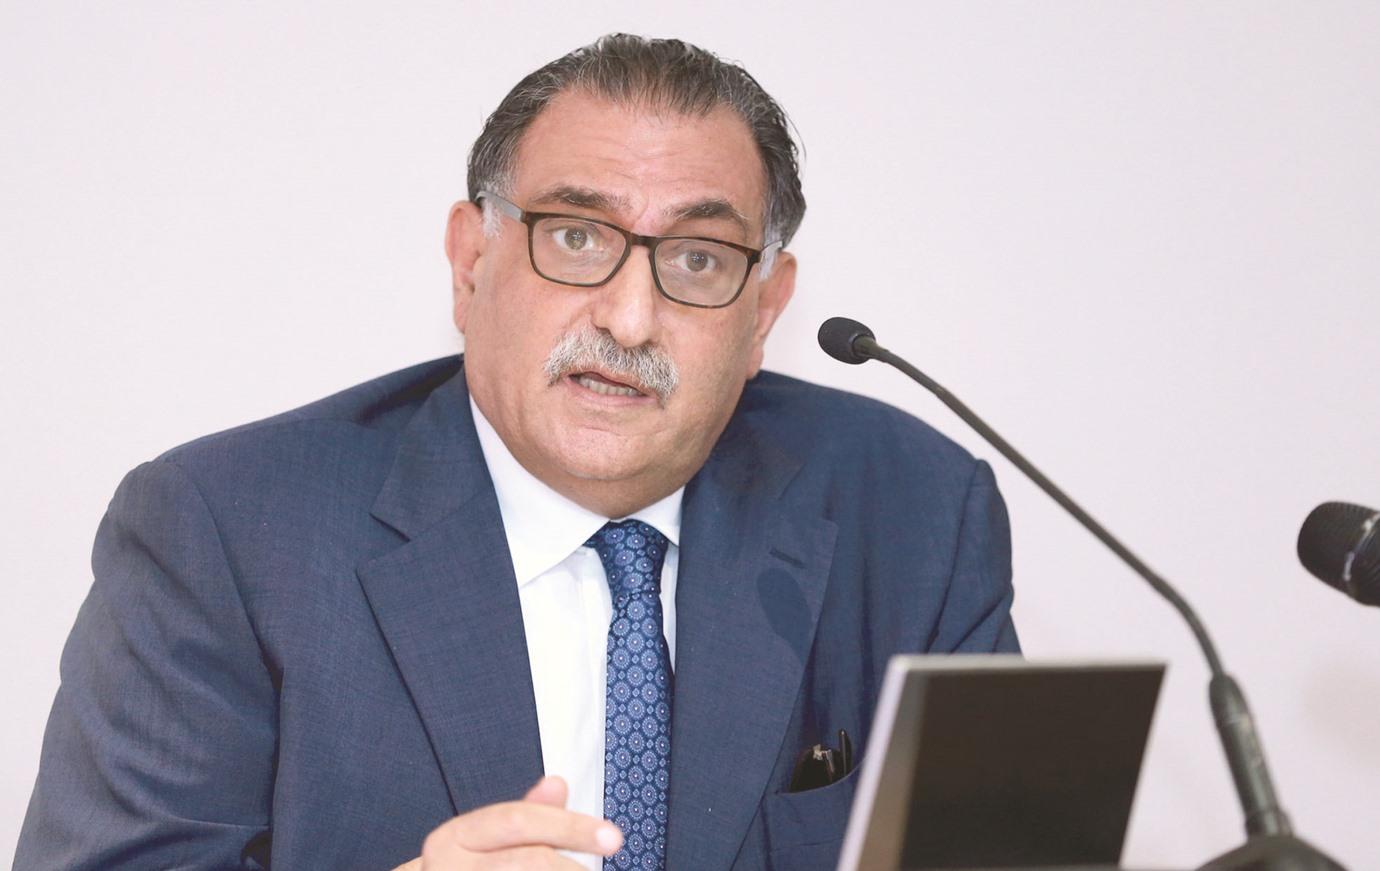 بشارة: الاستبداد والتهميش في الدول العربية يخلق بيئة للعمل المسلح